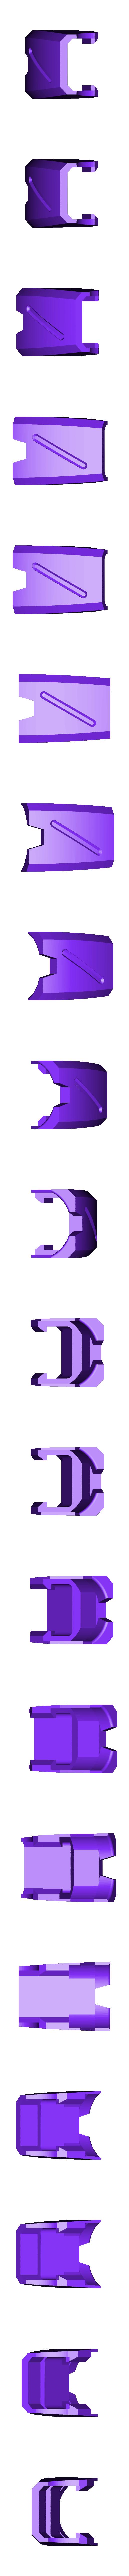 LegT1_Left_08_OliveGreen.stl Download STL file Heavy Gun Walker • 3D print design, Jwoong